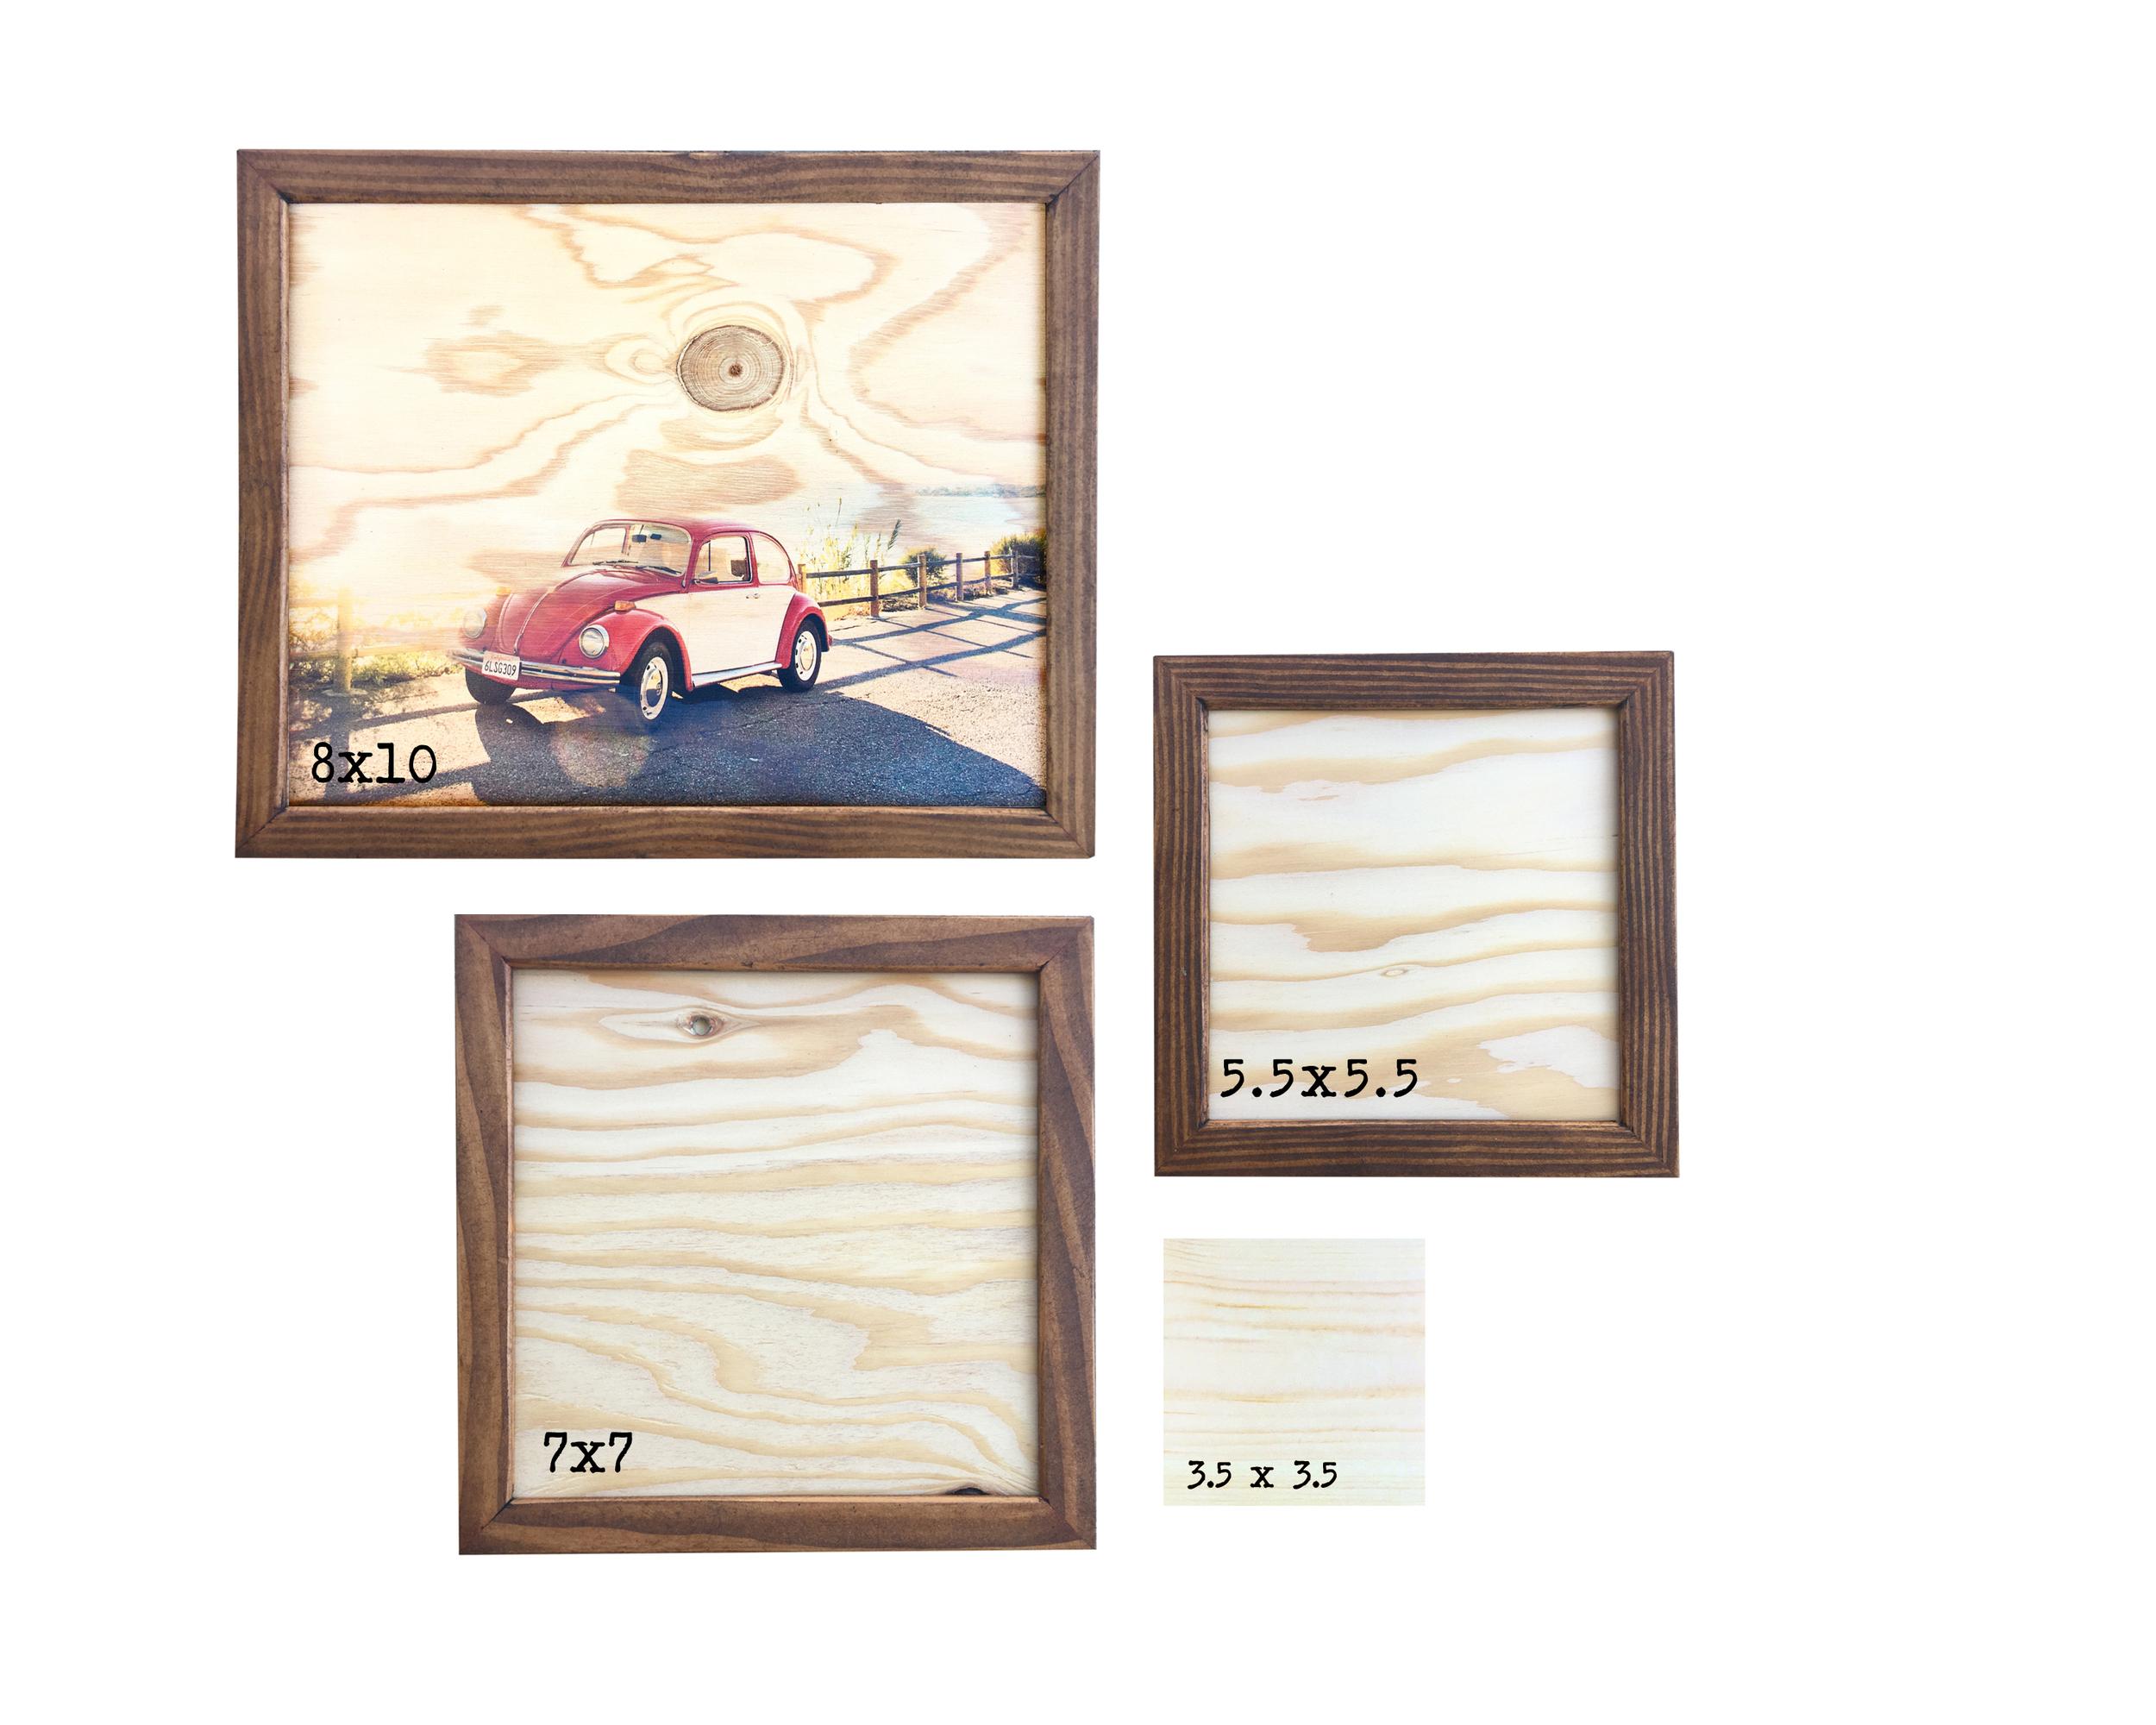 8 x 10 framed